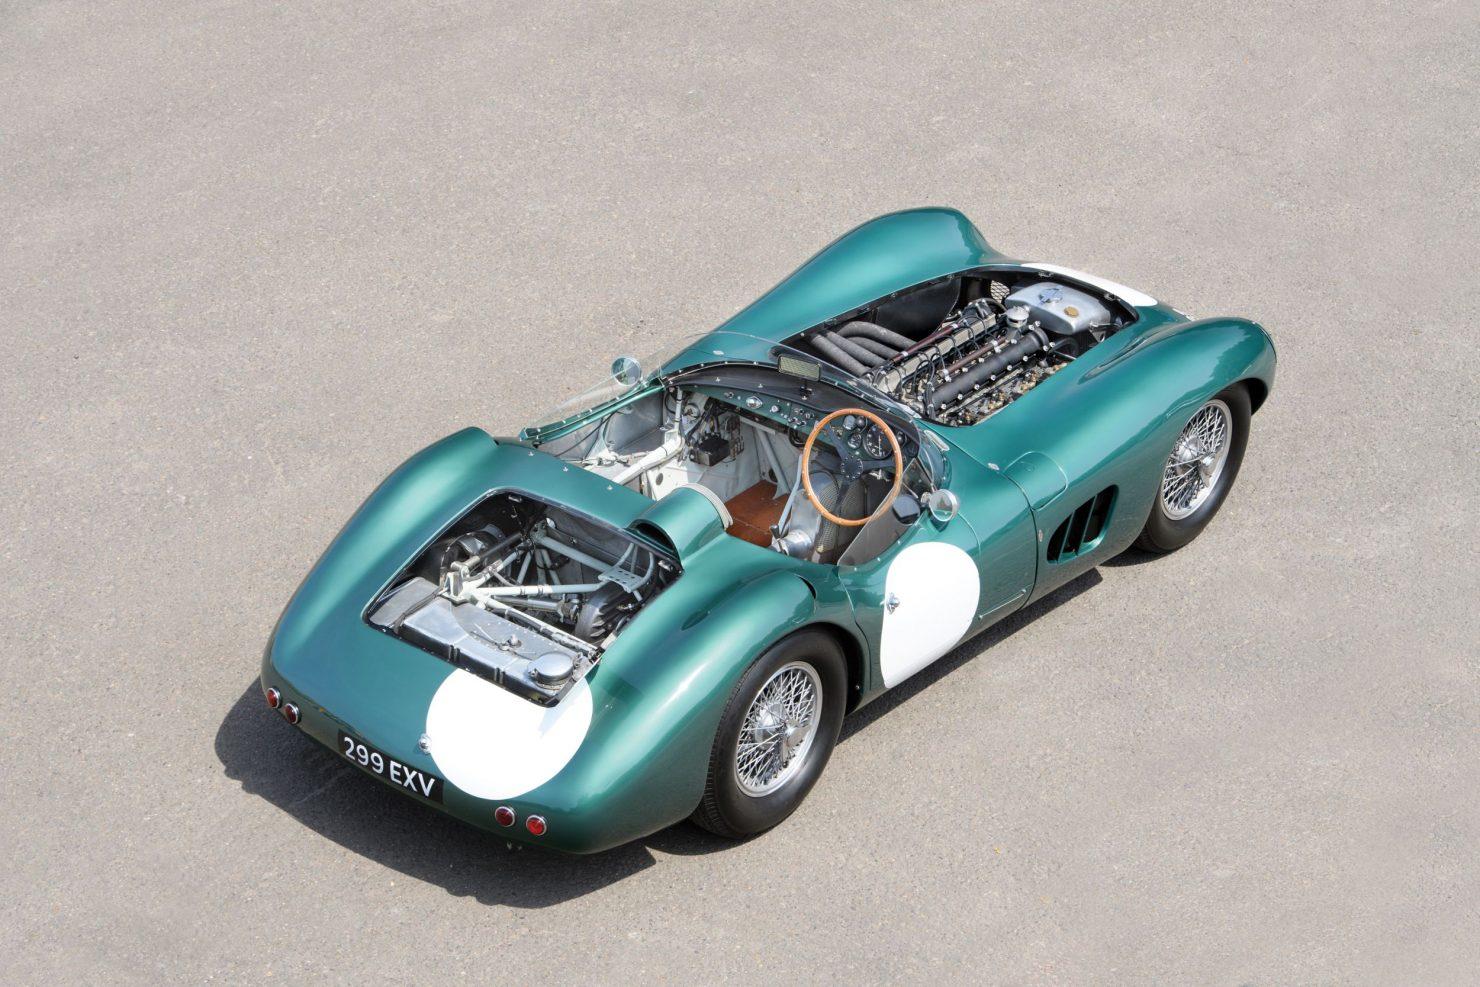 aston martin dbr1 24 1480x987 - 1956 Aston Martin DBR1